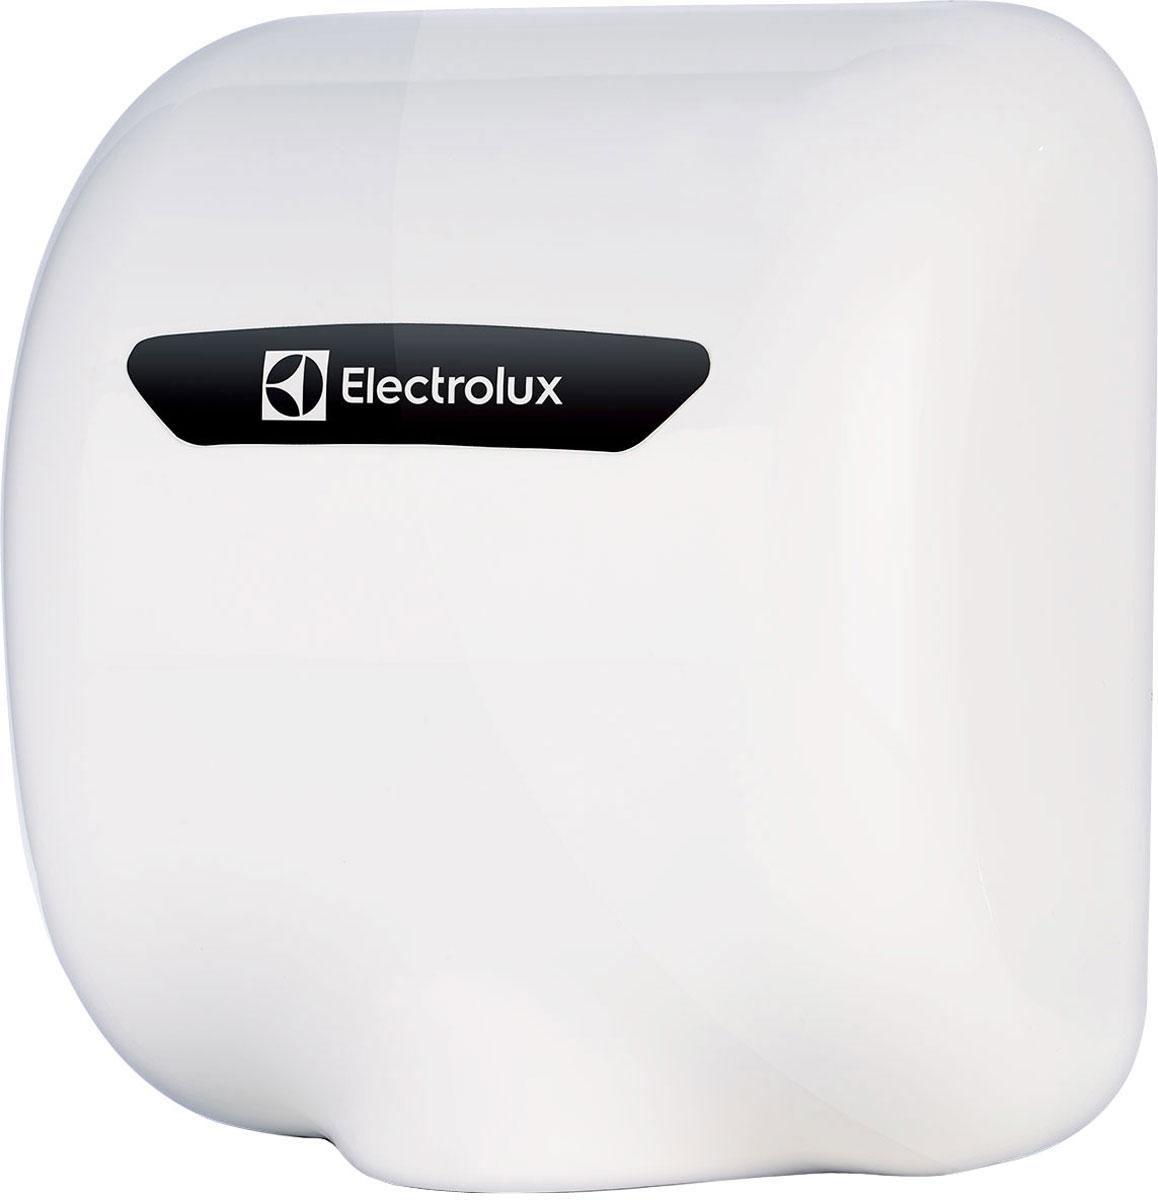 Electrolux EHDA/HPW-1800W сушилка для рукEHDA/HPW-1800WСушилка для рук Electrolux EHDA/HPW-1800W незаменима для мест, с большой проходимостью людей, таких как больницы, кинотеатры, кафе и рестораны. Устройство снабжено инфракрасным датчиком, автоматически включающим прибор когда пользователь подносит руки к рабочей зоне. Автоматическое выключение происходит через 10 секунд - за это время руки можно полностью высушить.Выход воздуха снизуНагревательный элементСкорость воздушного потока до 220 км/чСъемный воздушный фильтр